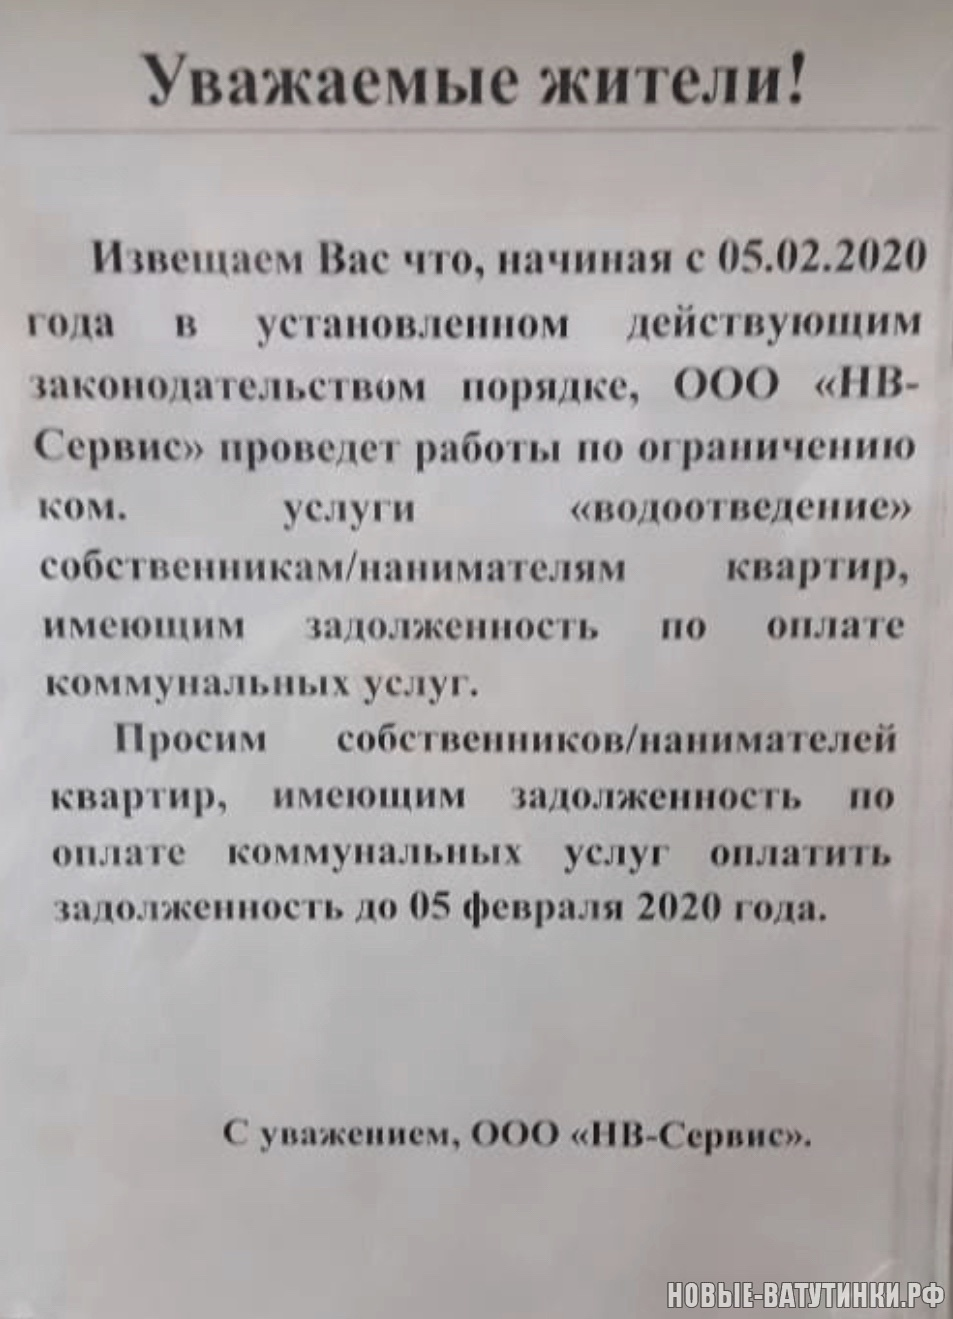 391AA0B6-A6BB-4A45-8EA5-17E83BF3014F.jpeg